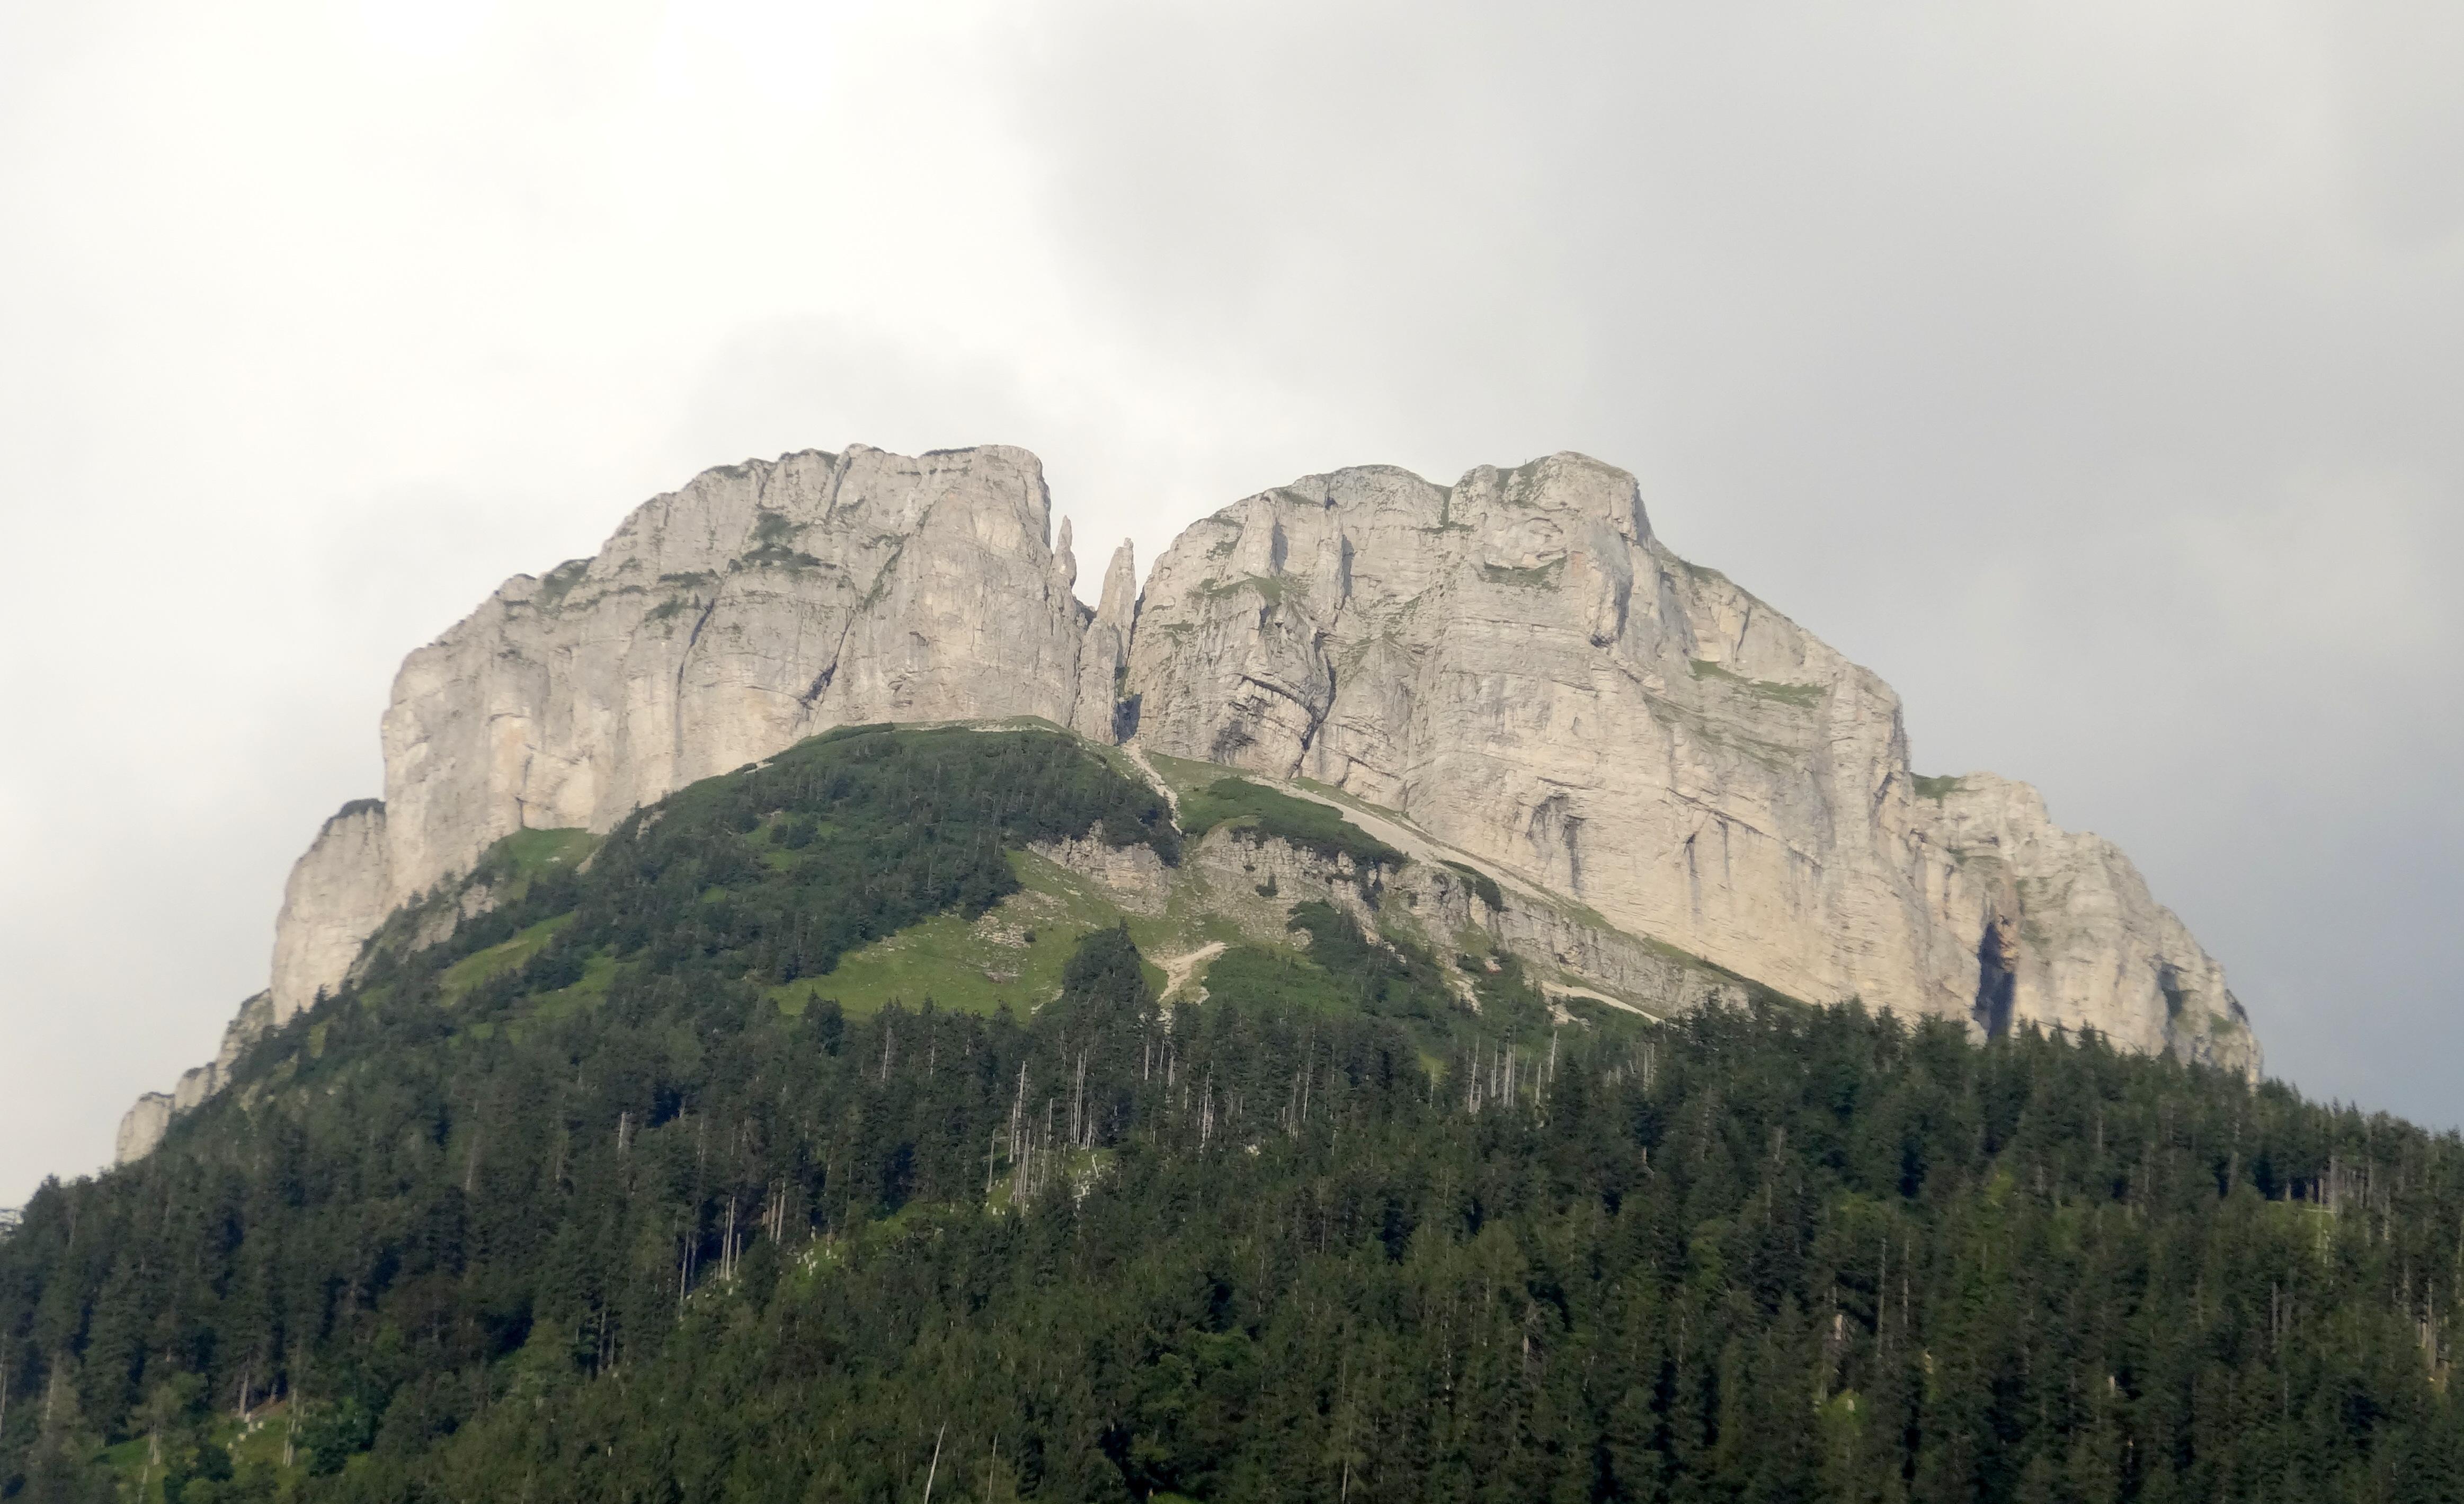 Klettersteig Loser : Fotogalerie tourfotos fotos zur klettersteig tour loser m